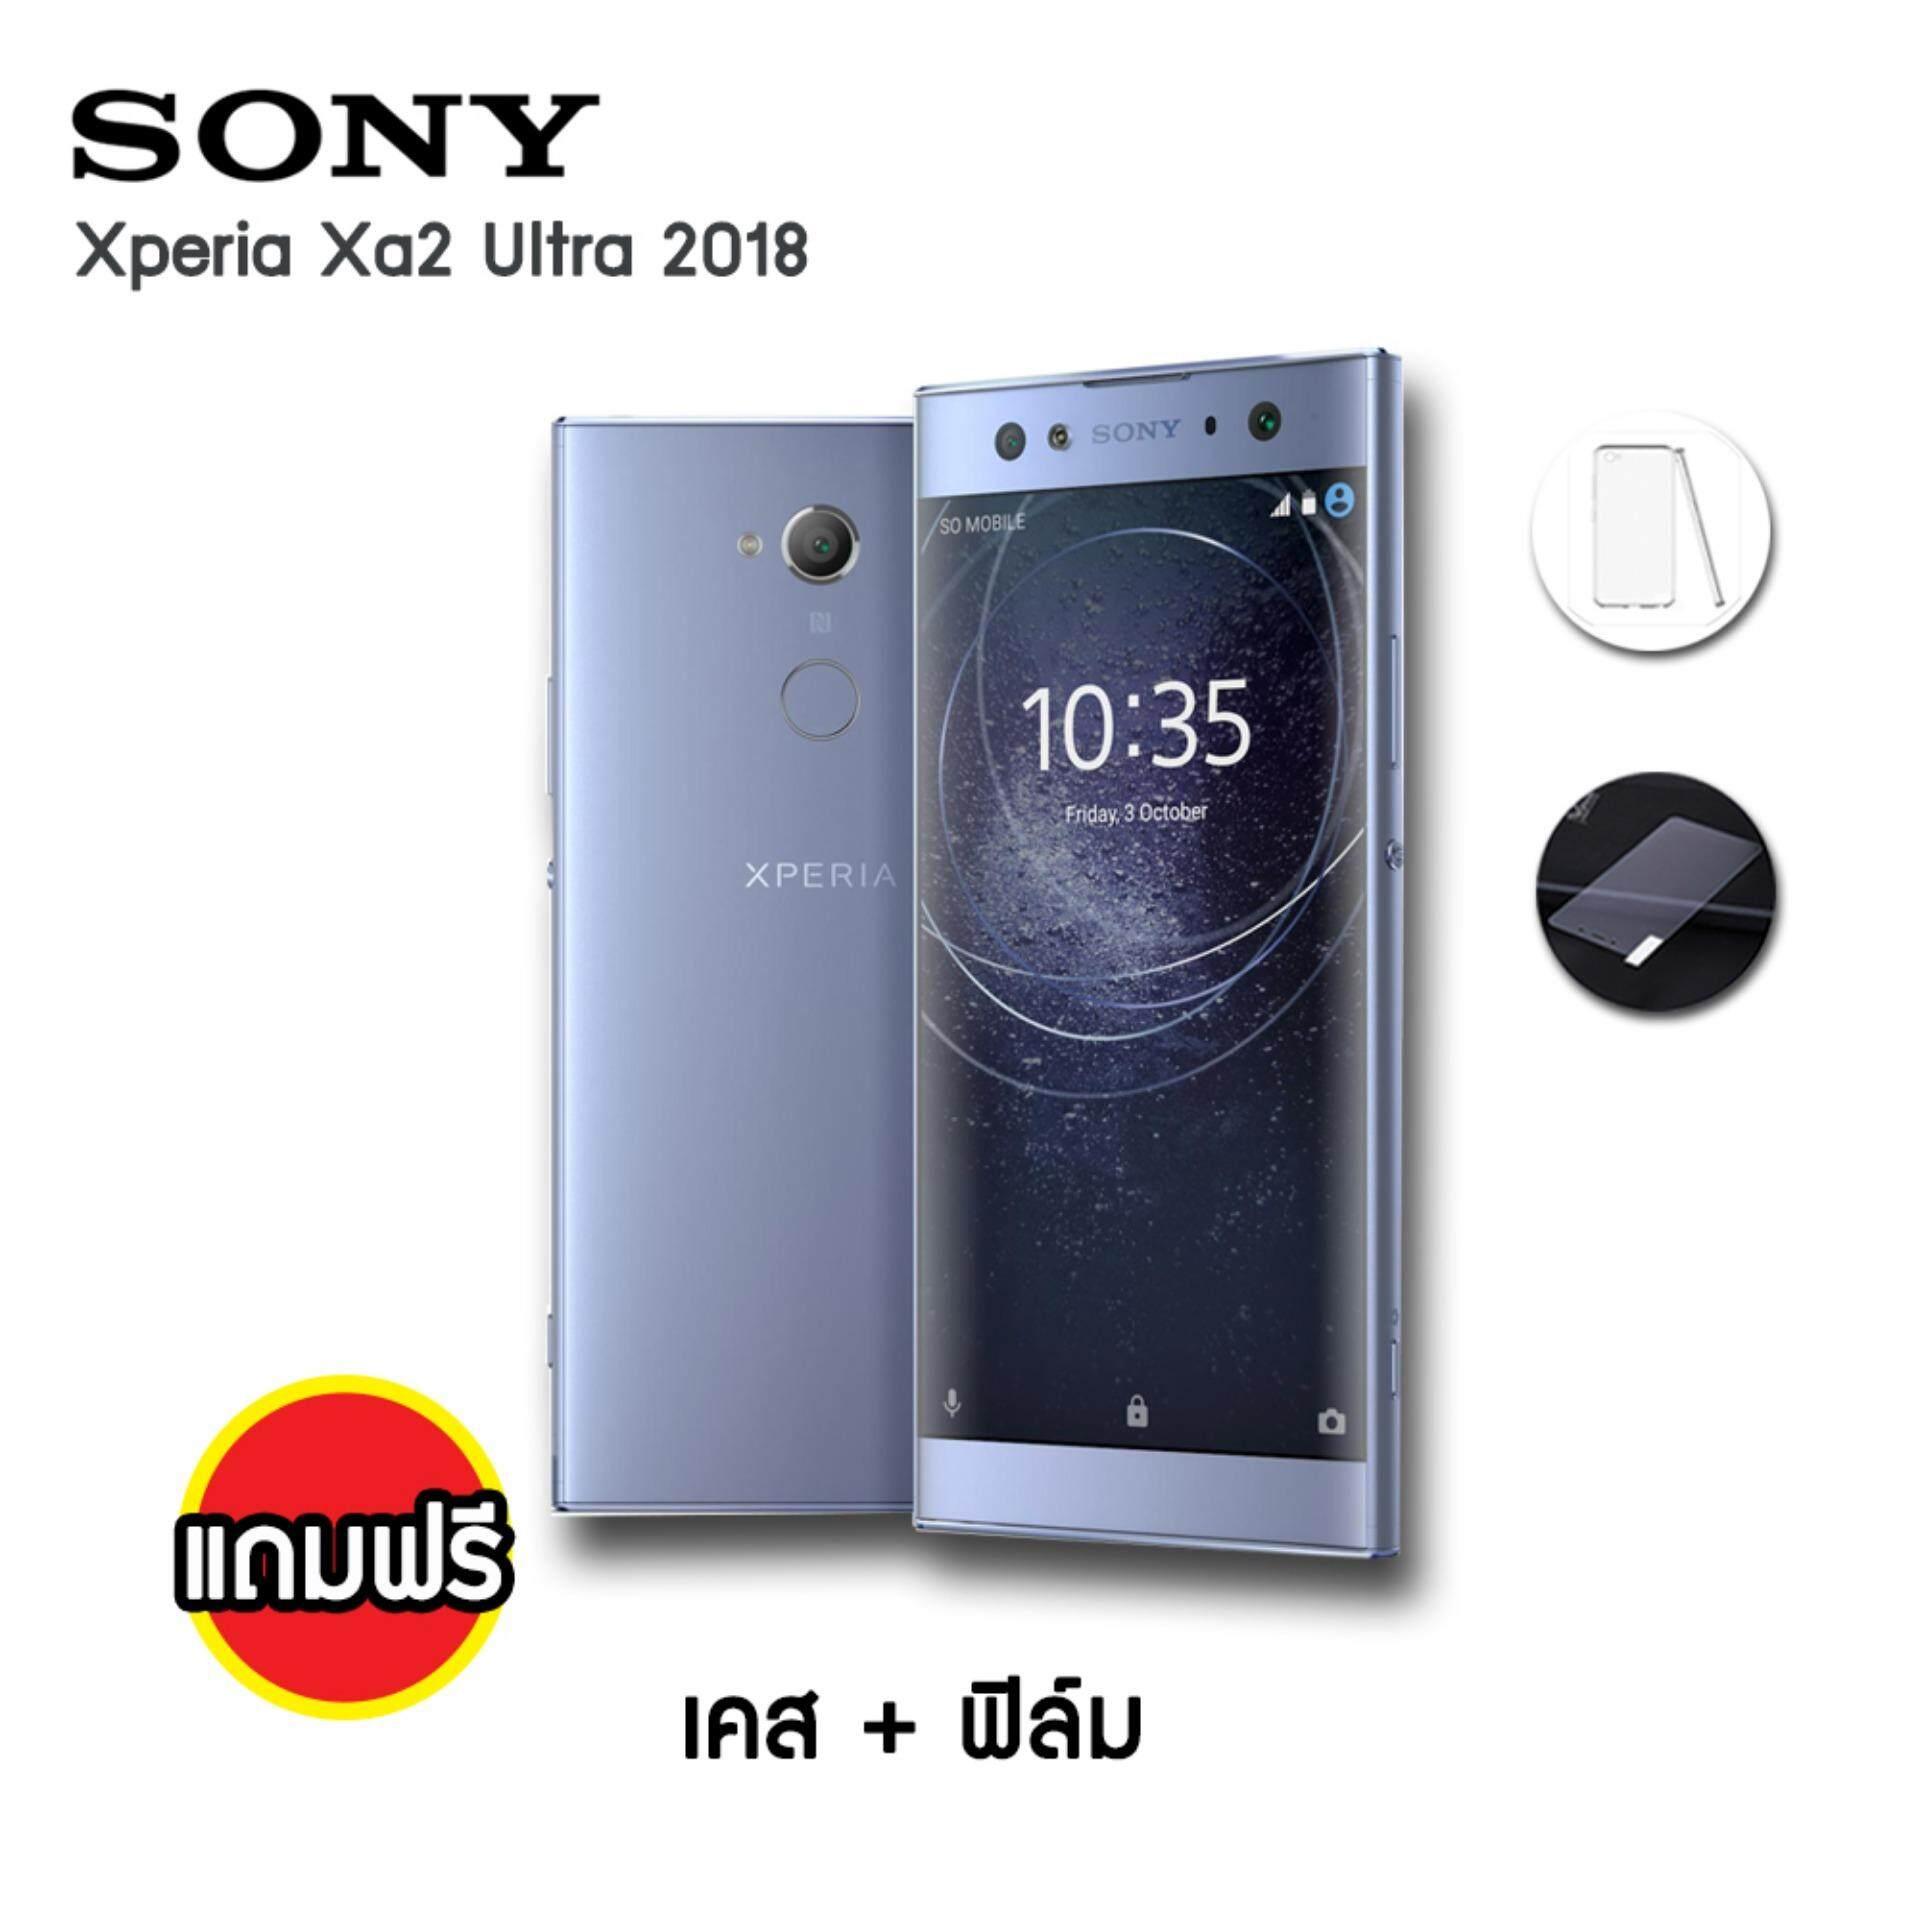 ส่วนลด Sony Xperia Xa2 Ultra 2018 4 64Gb แถม เคส ฟิล์ม